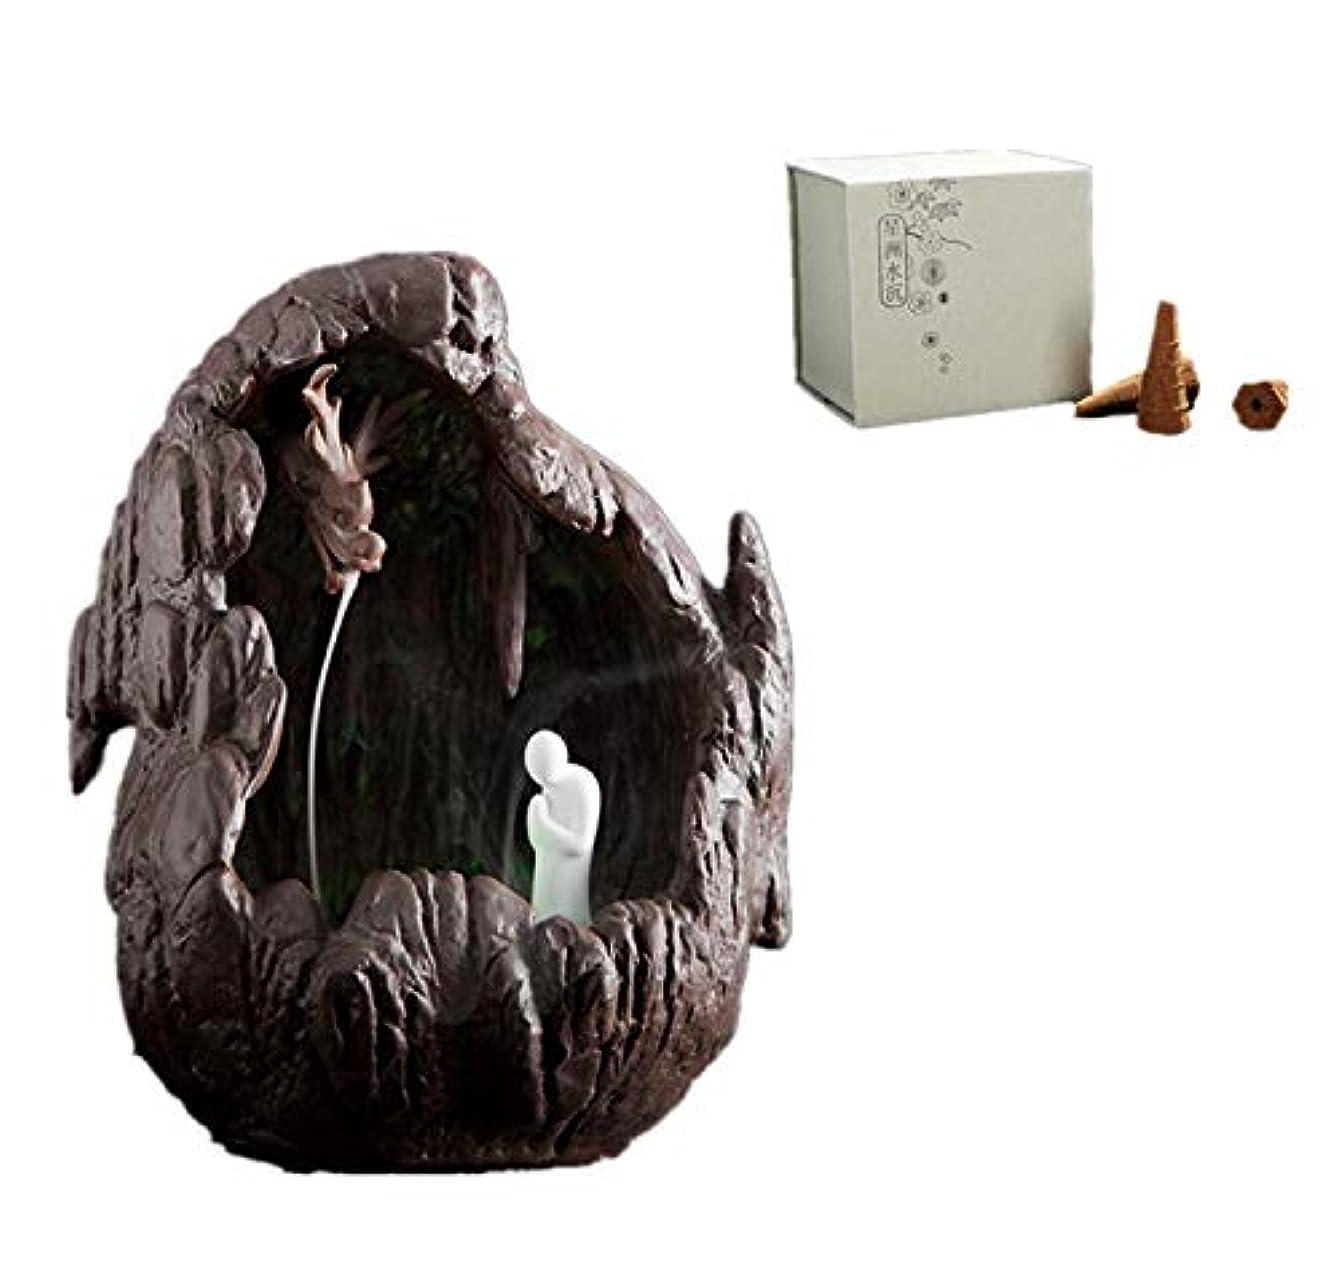 悲しい流用するスケッチXPPXPP Reflux Incense Burner, Ceramic Incense Burner, With 40pcs Reflux Cone, Suitable For Home Decoration